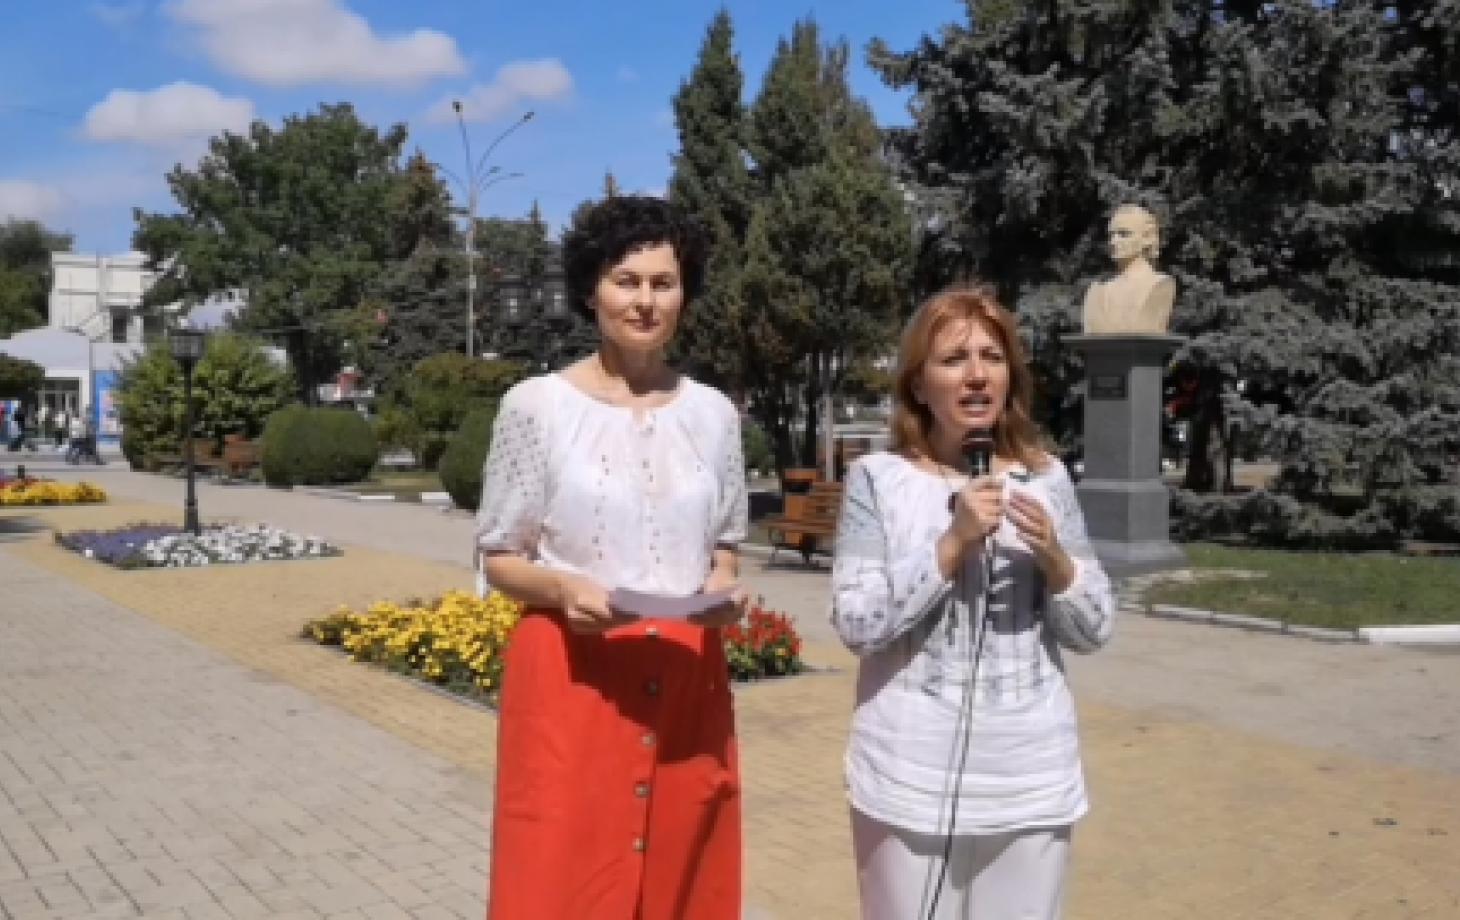 В Бельцах озвучили идею установить бюст Леониды Лари. Это стало поводом для политического скандала